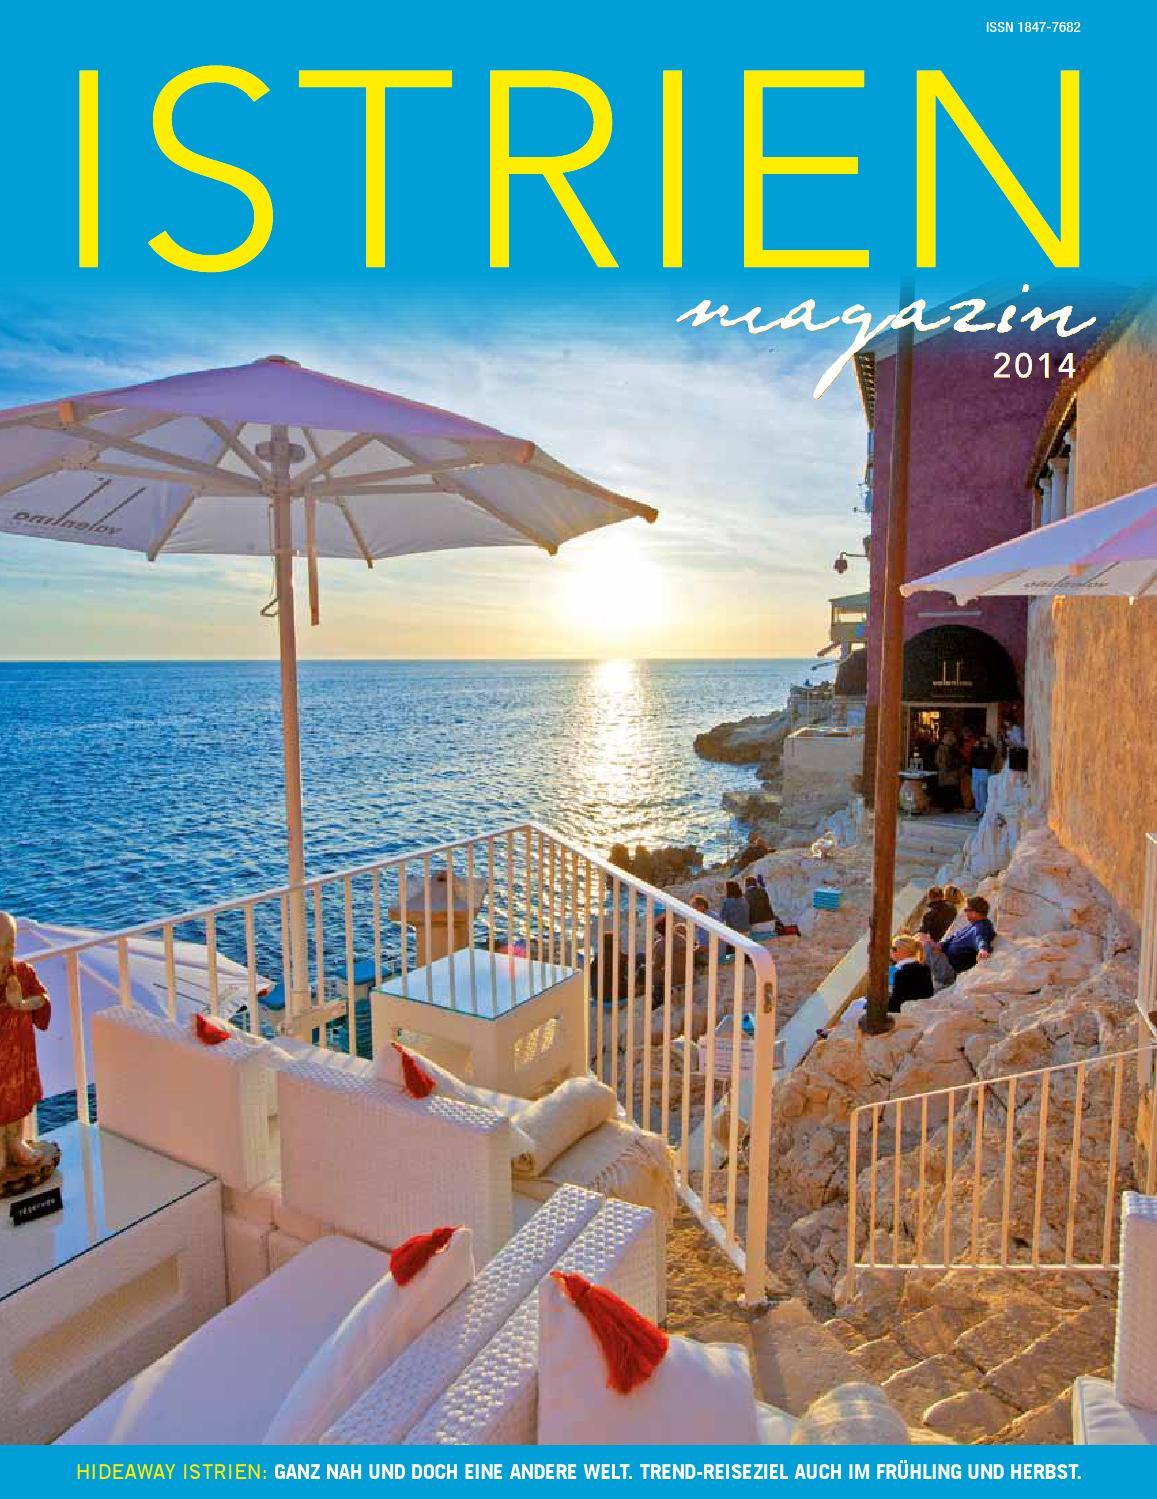 Istrien Magazin 2014 by ERA Weinfelden - issuu